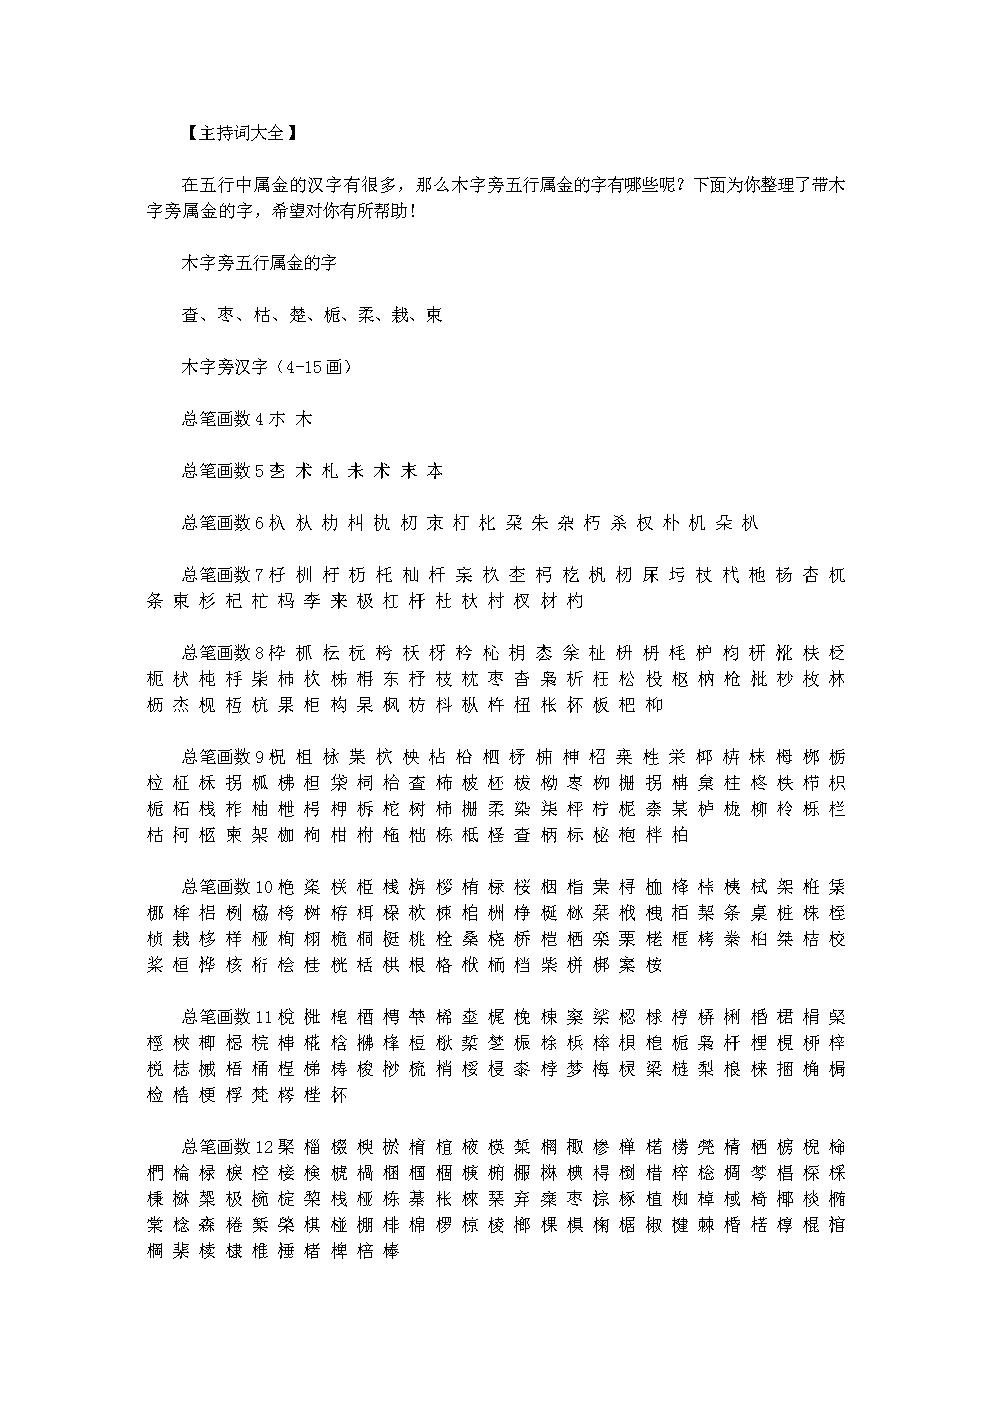 带木字旁属金的字大全|带木字旁属金的字大全范文.doc